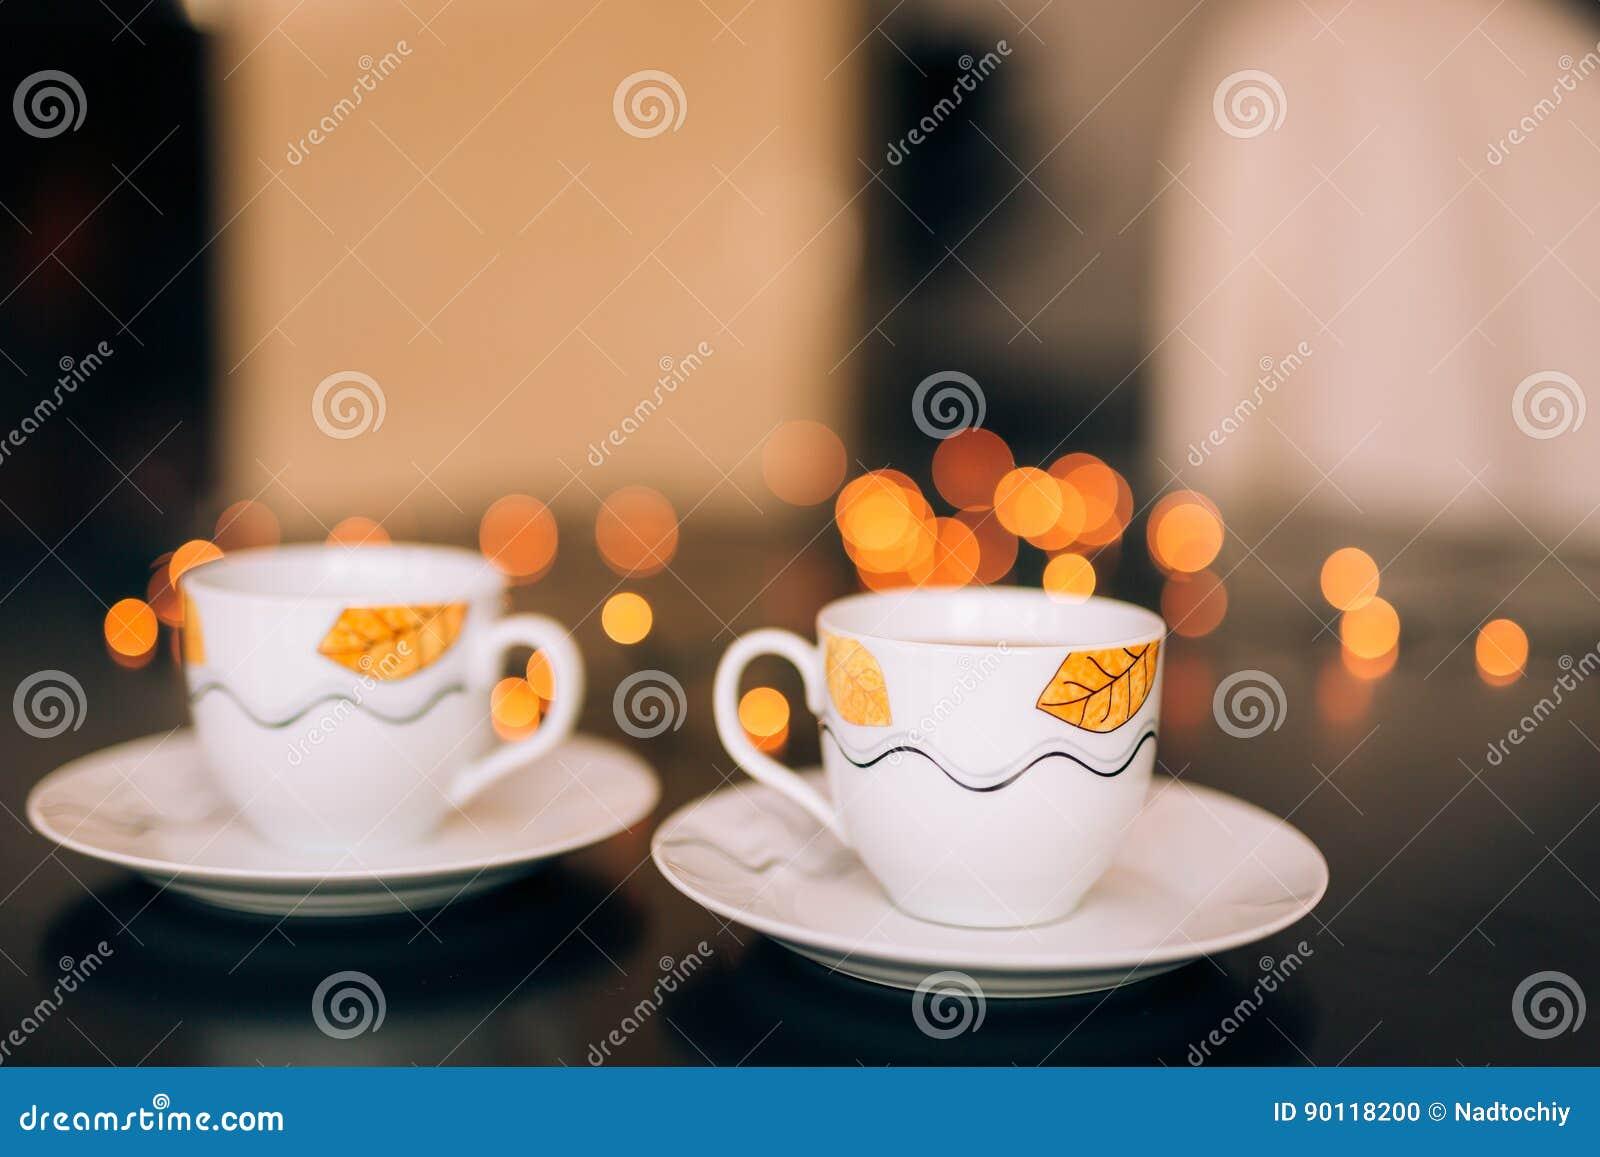 Två koppar kaffe på tabellen på bakgrundsbokeh